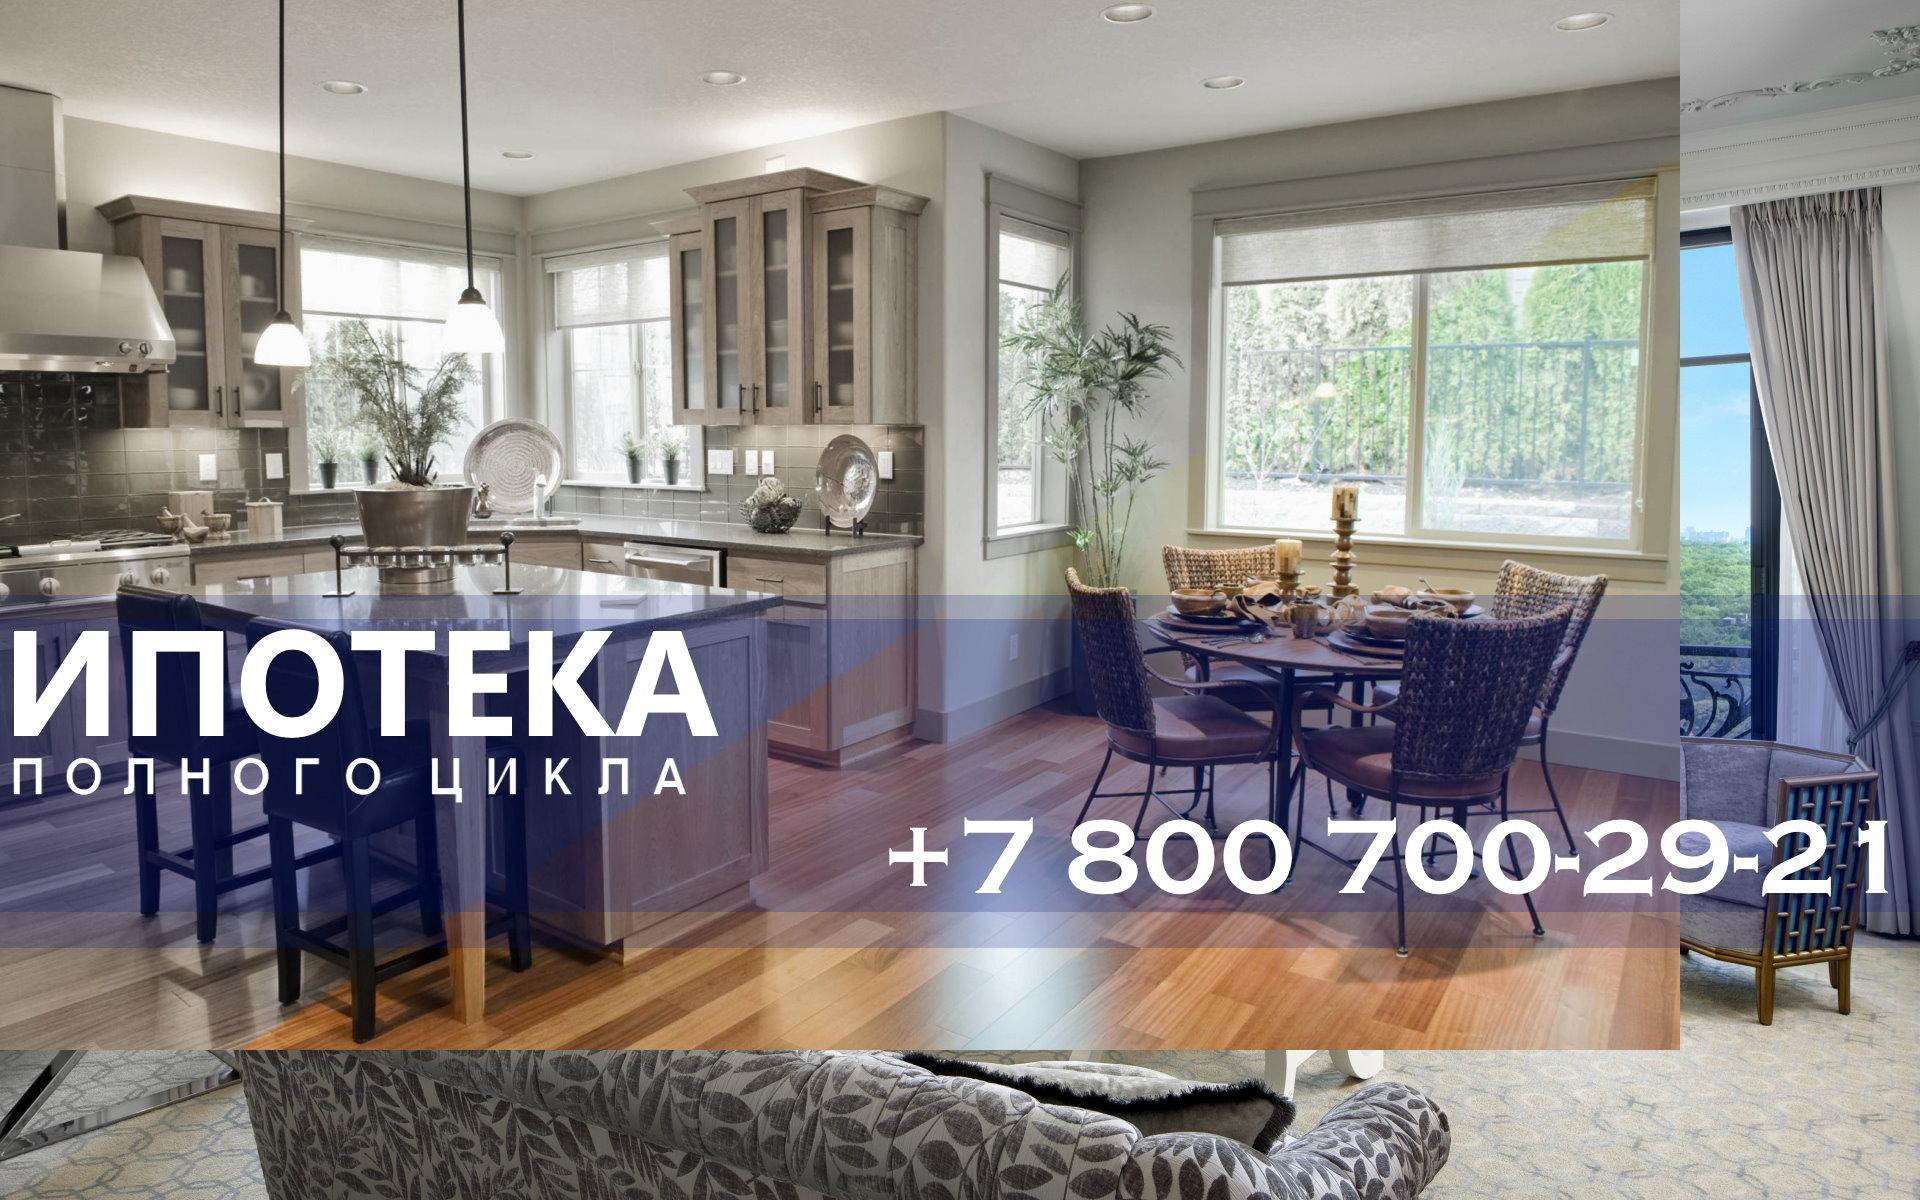 Можно ли обменять квартиру находящуюся в ипотеке?